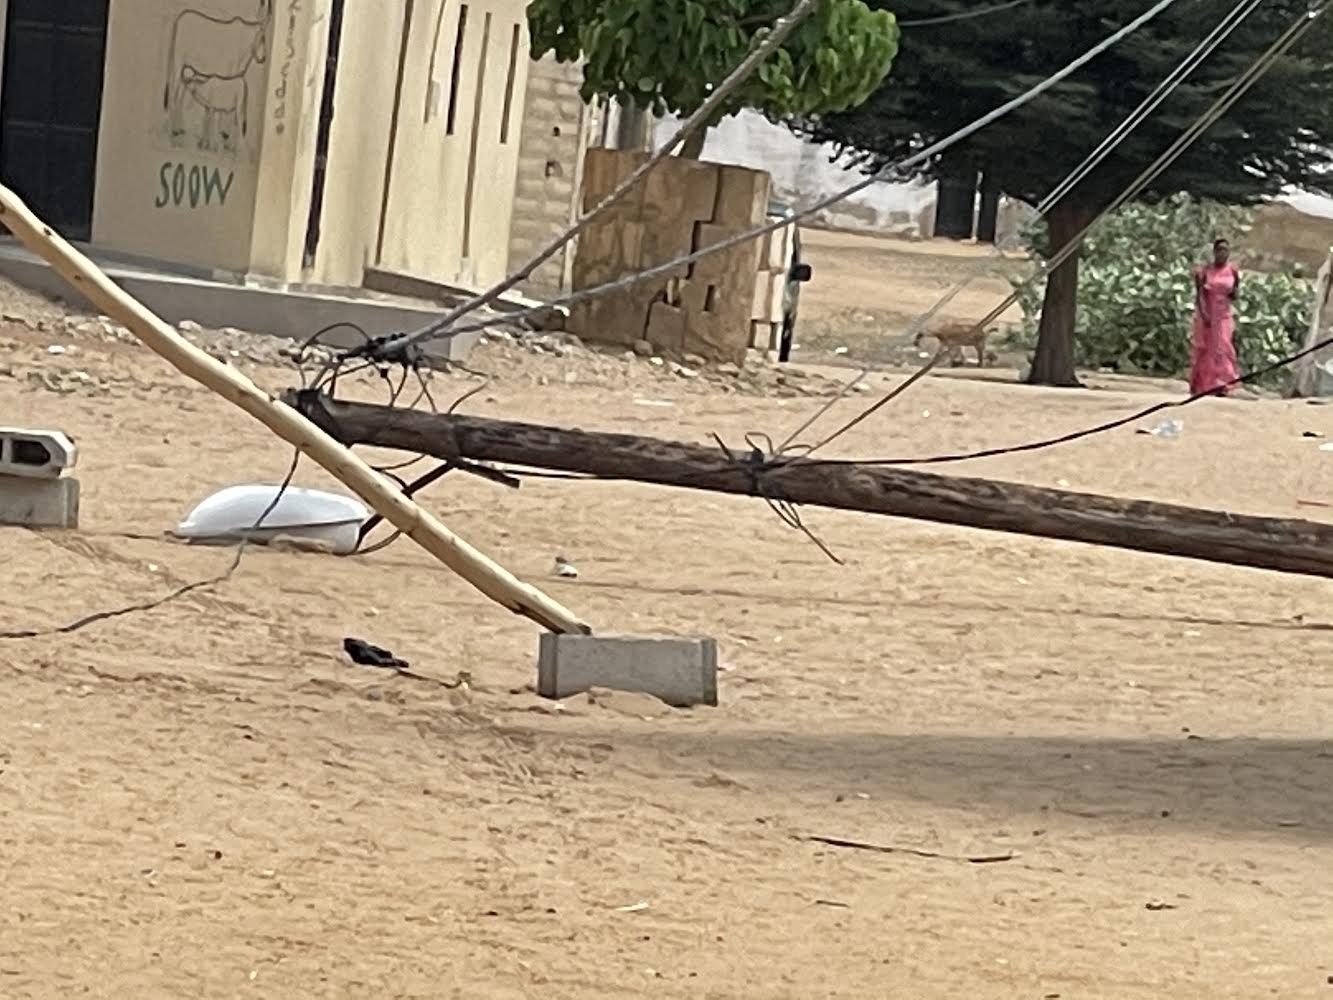 SENELEC / Arrêt sur image à Mbacké - Un poteau électrique gît par terre en plein hivernage.